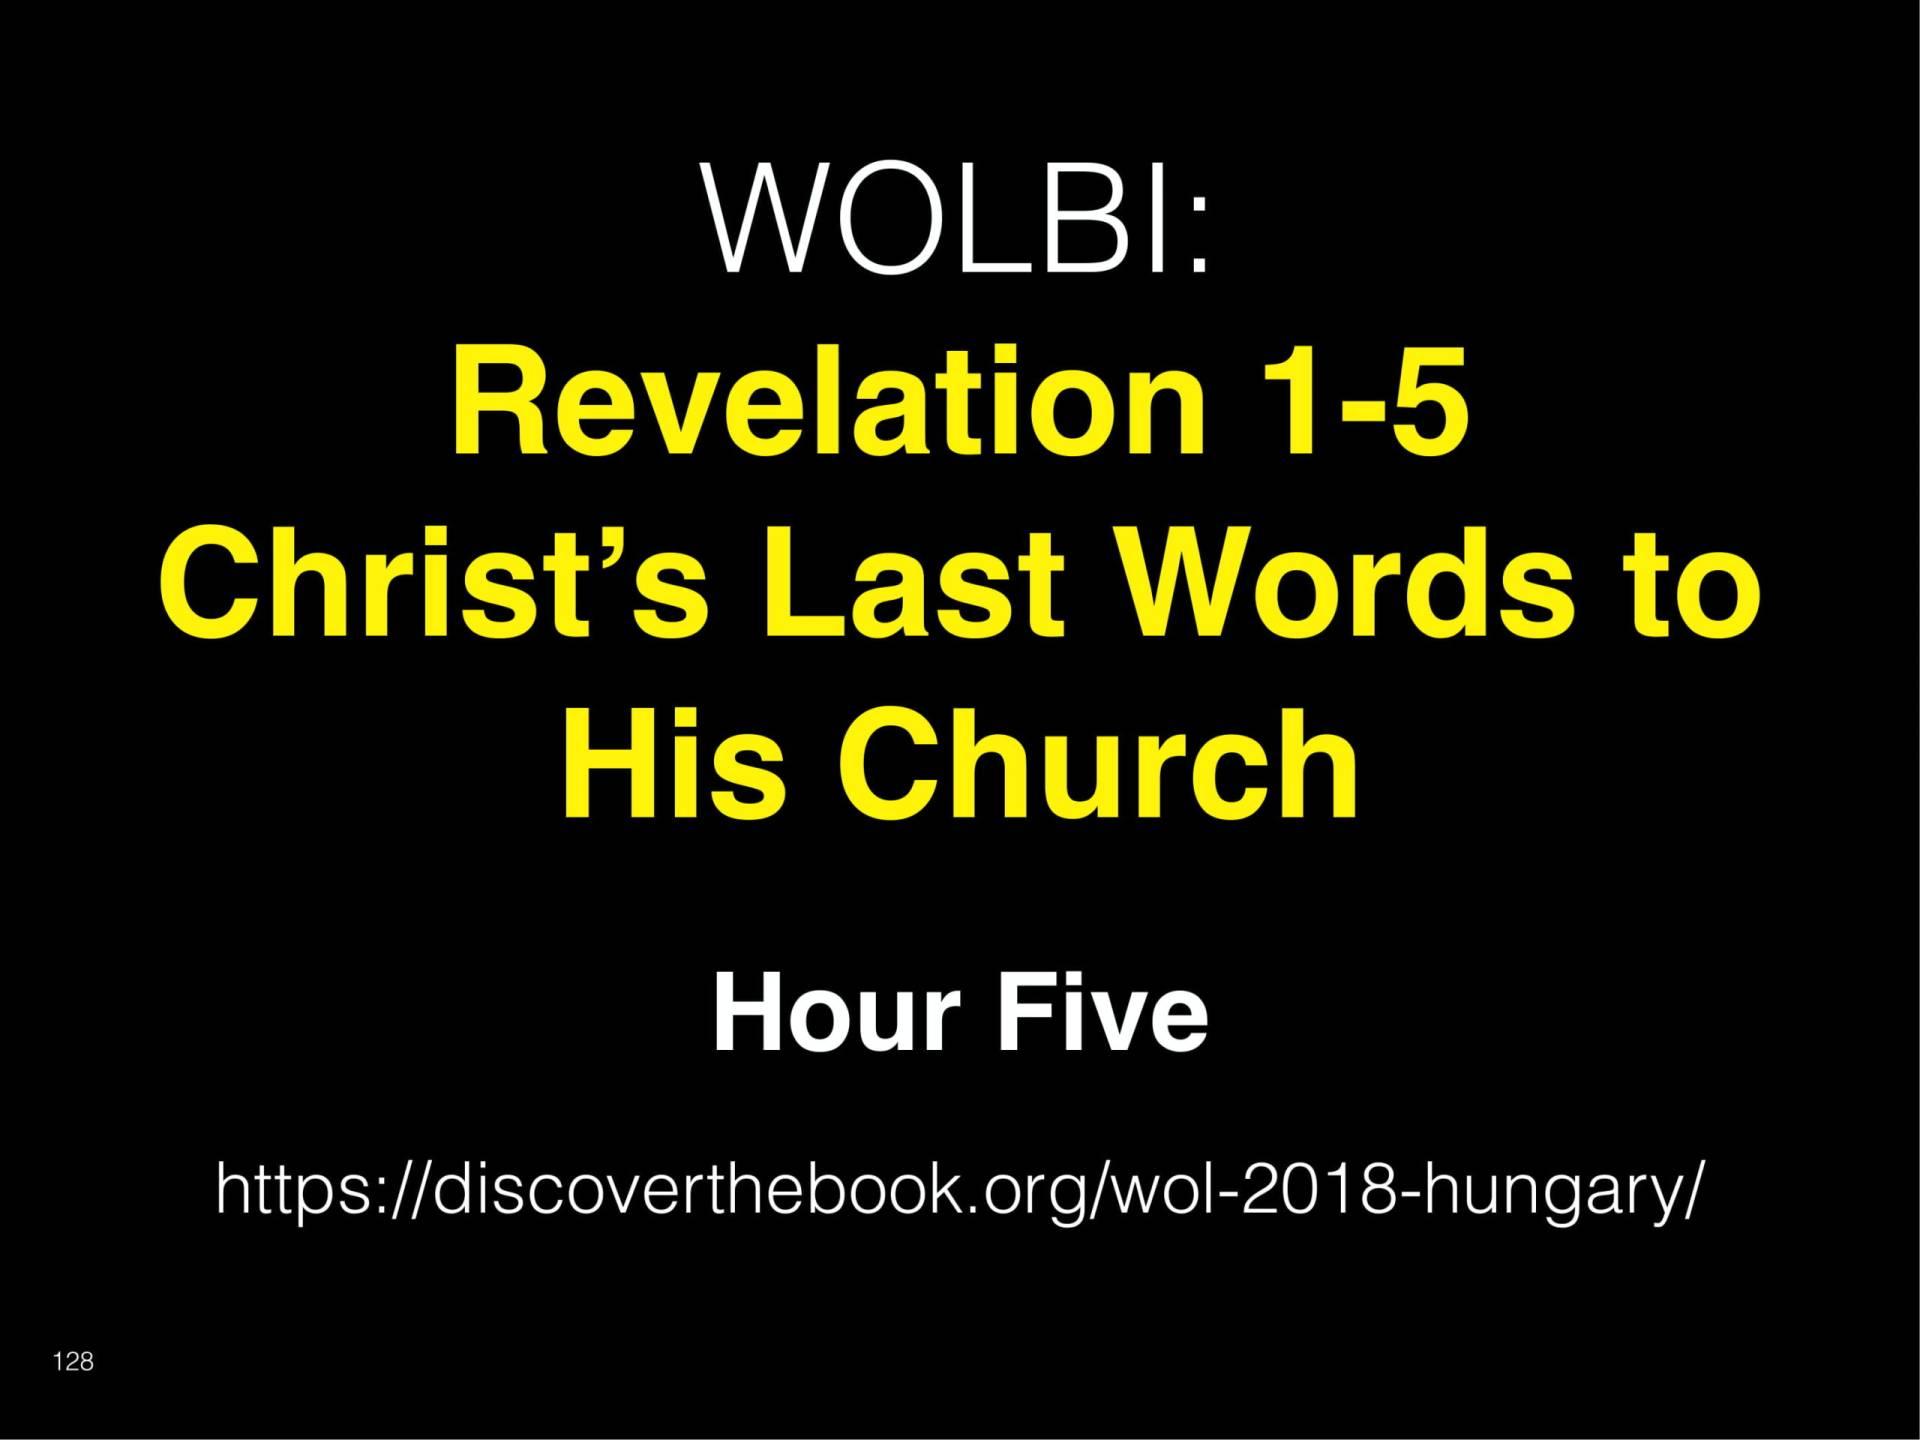 180502 WOLBIHungary Barnett-Revelation 1-5 2018 Instructor Slides-128